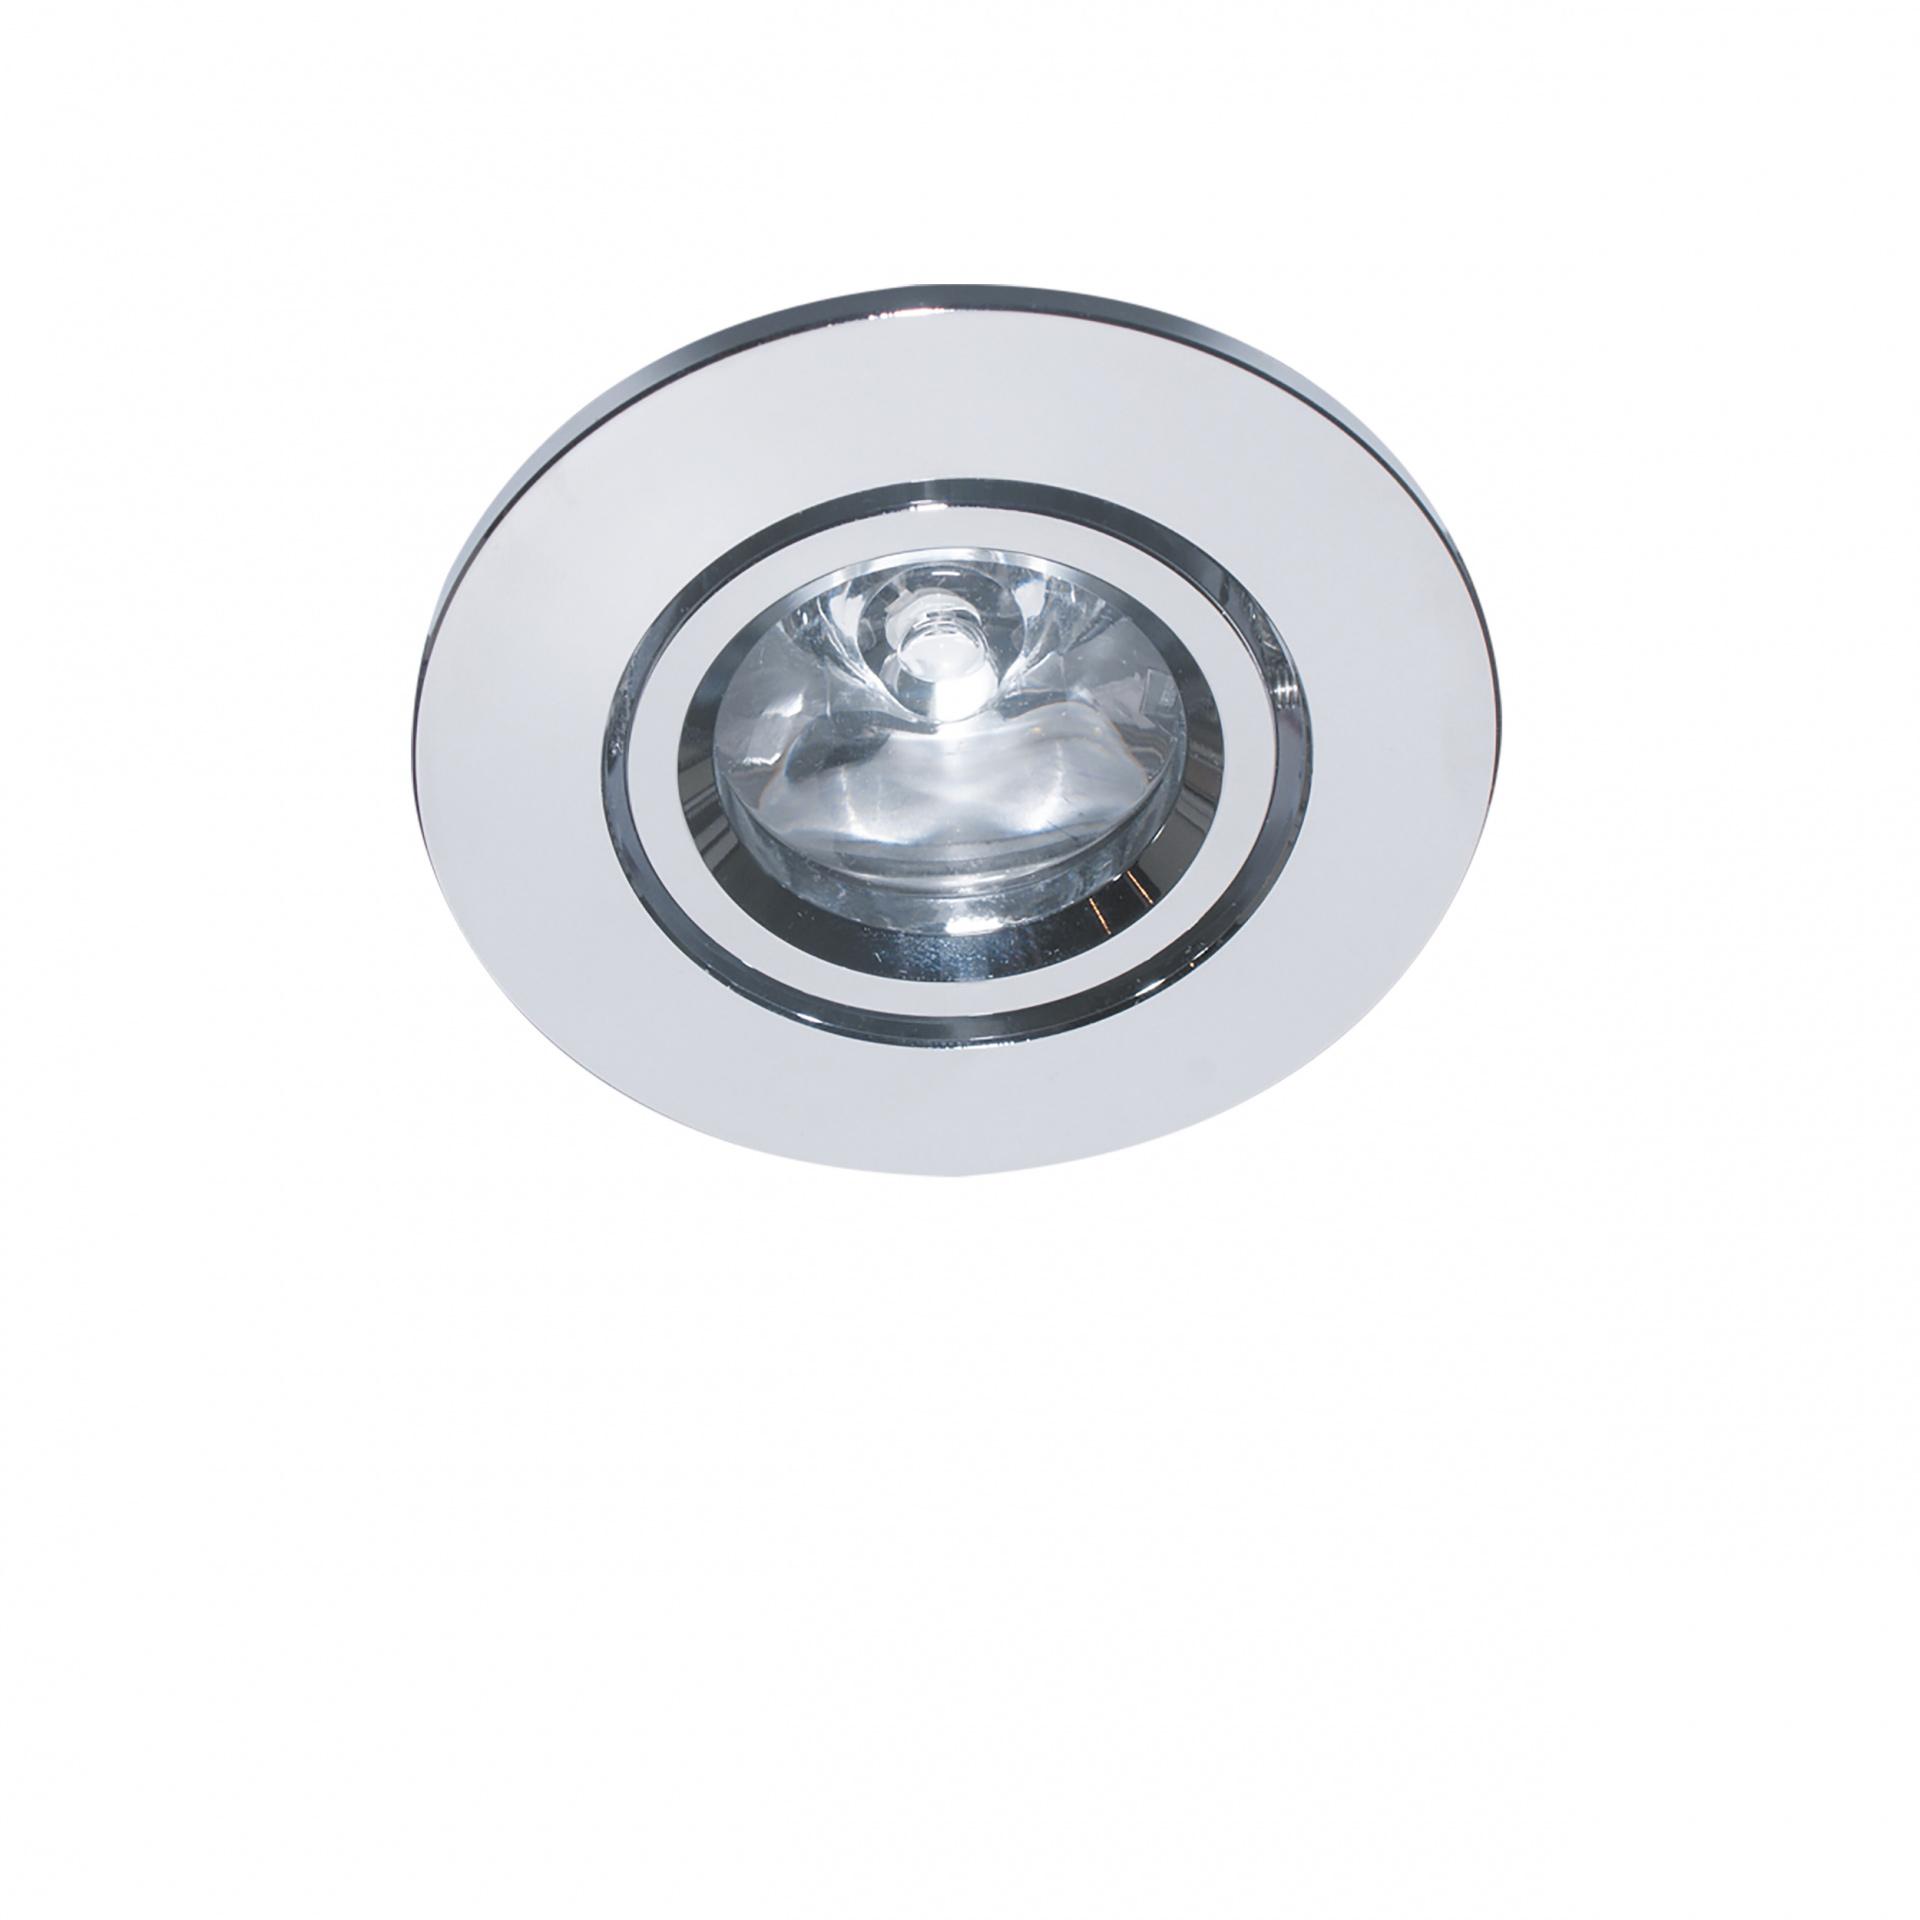 Светильник Acuto LED 1W 90LM хром 3000K Lightstar 070012, купить в СПб, Москве, с доставкой, Санкт-Петербург, интернет-магазин люстр и светильников Starlight, фото в жизни